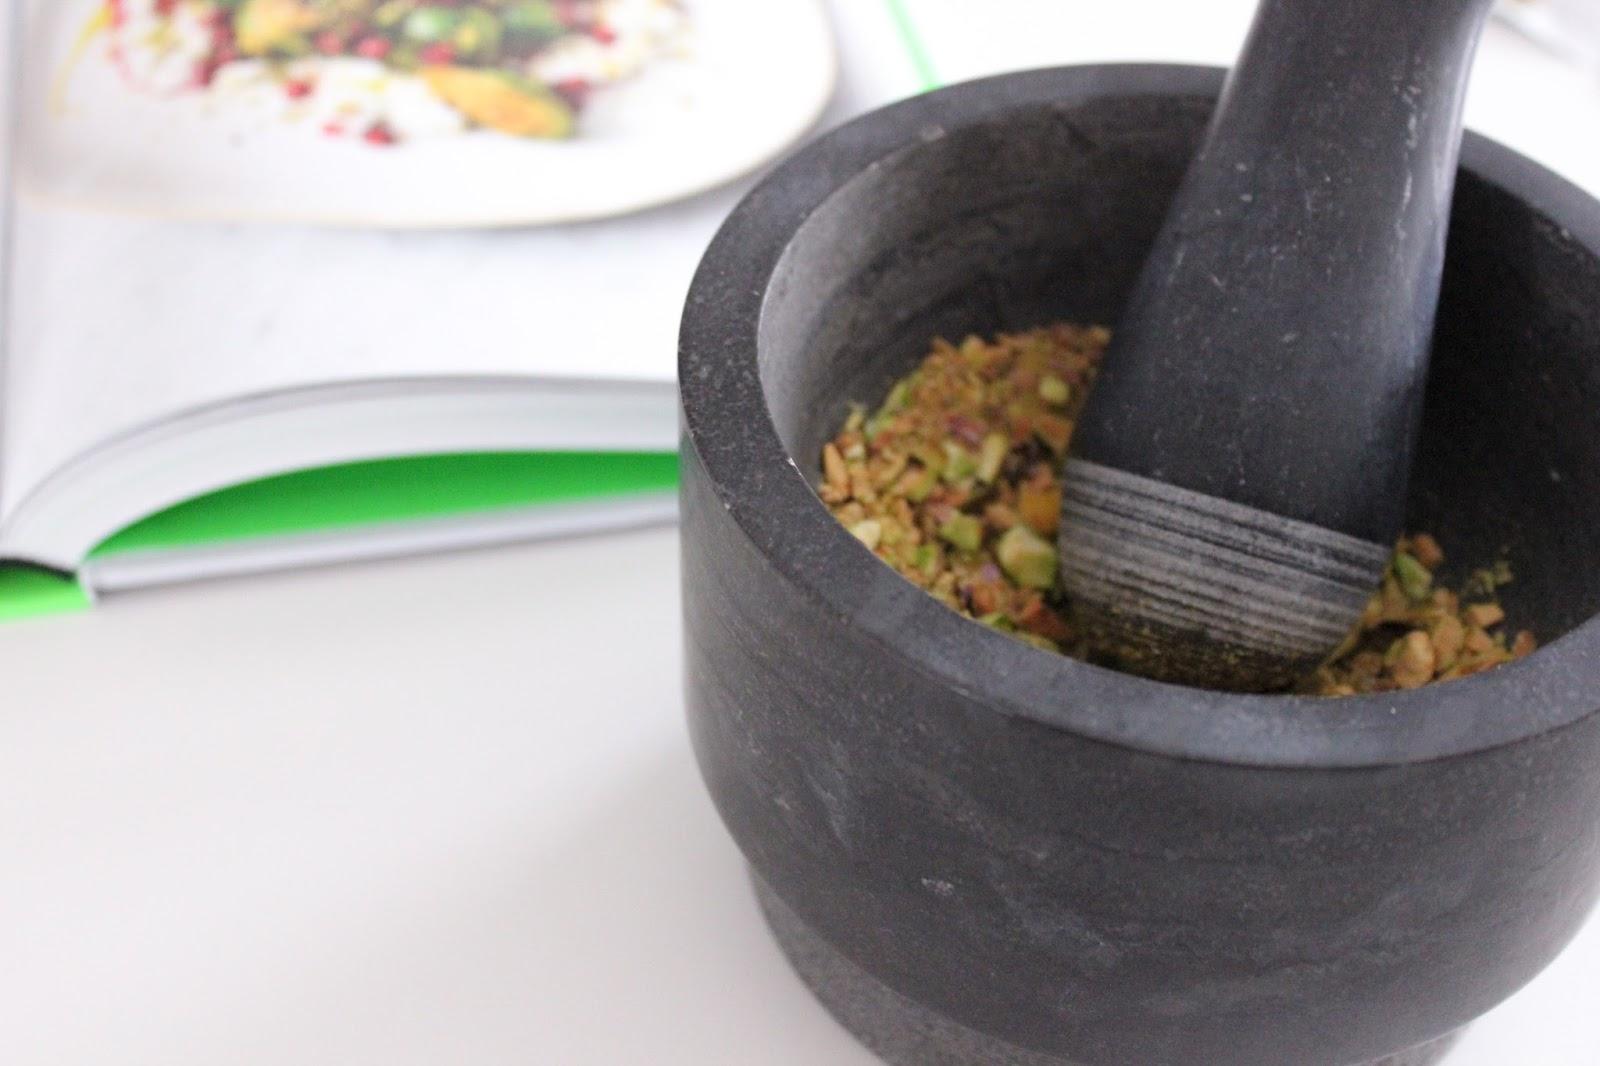 Goldbrauner Rosenkohl aus Jamies 5-Zutaten-Küche ...